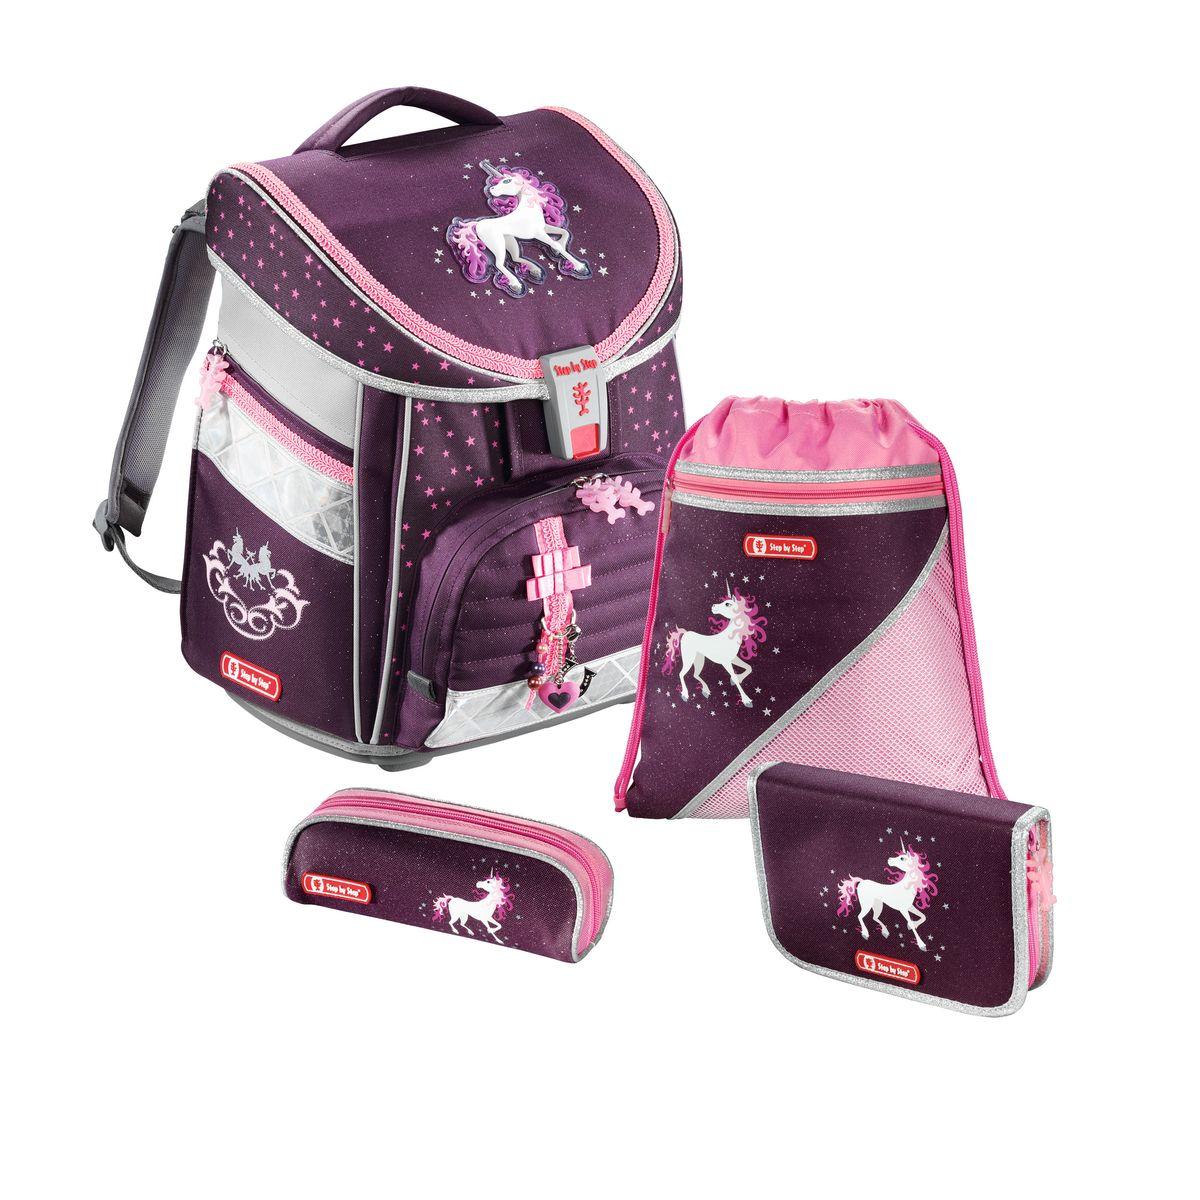 Hama Ранец школьный Step By Step Comfort Unicorn с наполнением129092Ранец Step By Step Comfort Unicorn полиэстер фиолетовый/розовый